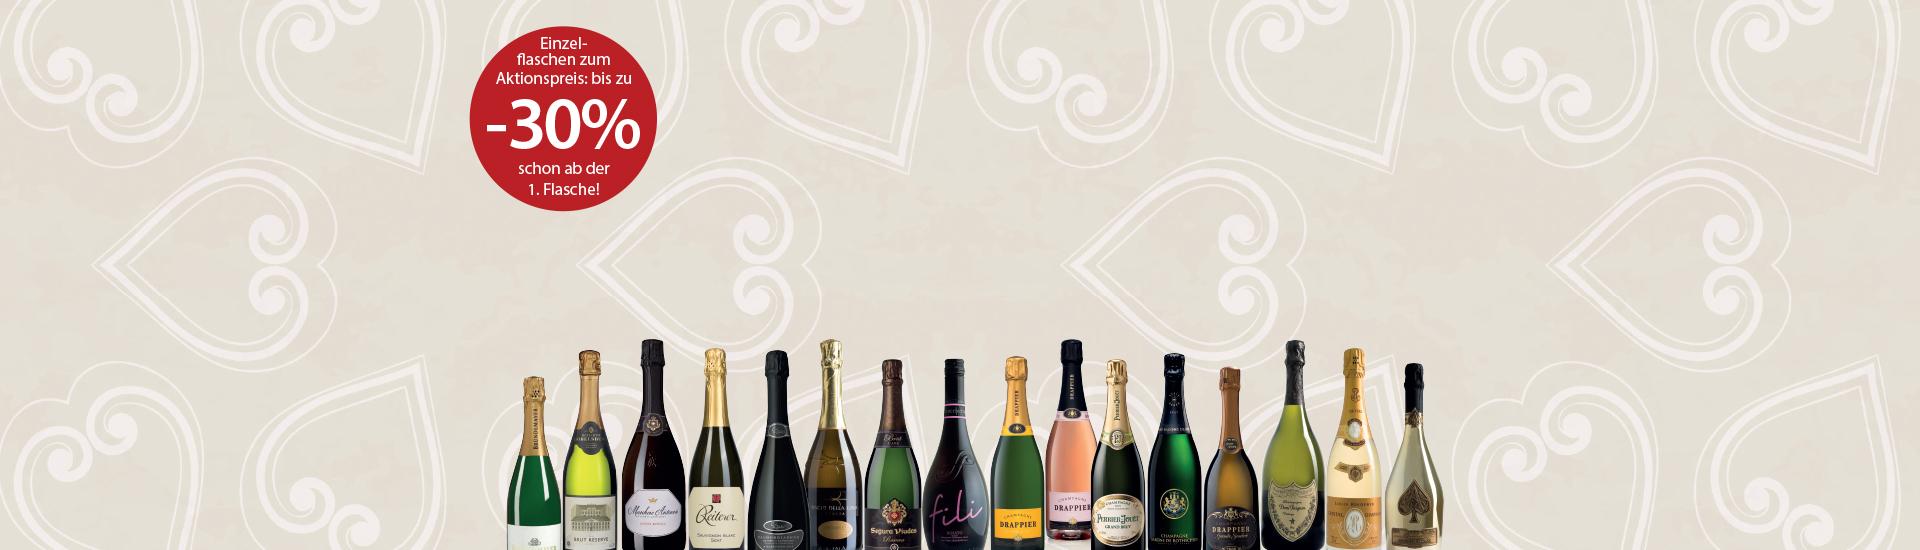 Weine - Schaumweine & Champagner für Feste & Feiern! 12/2016 - Slider